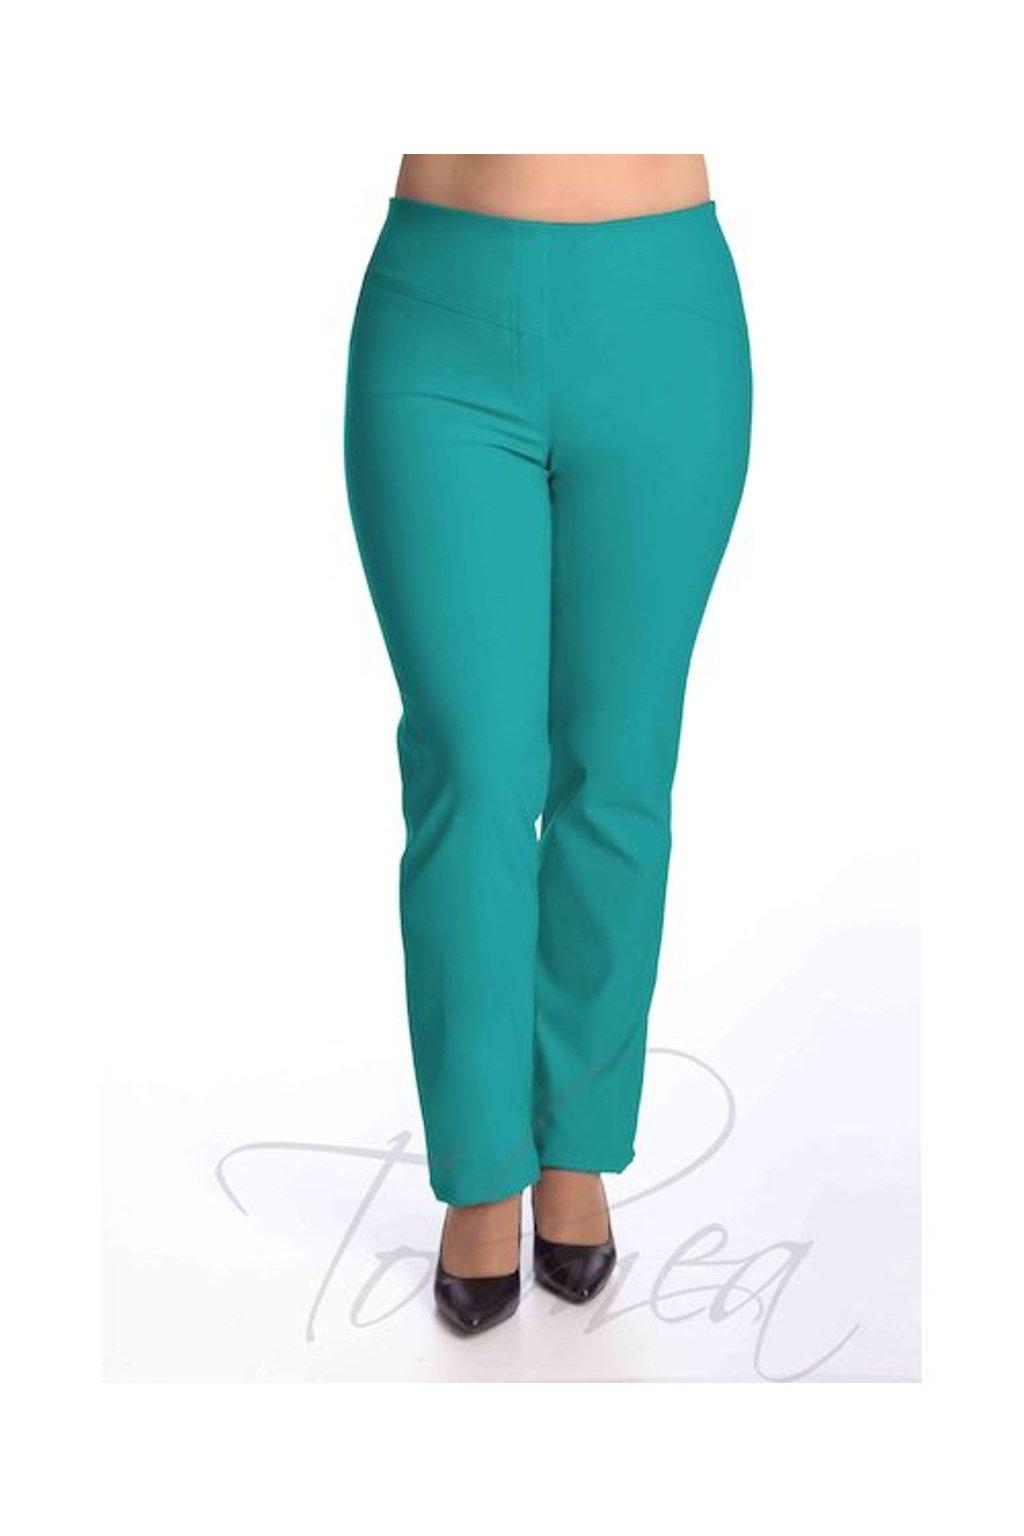 52T Kalhoty elastické dlouhé sedlo (Velikost 38, Barva Černá)